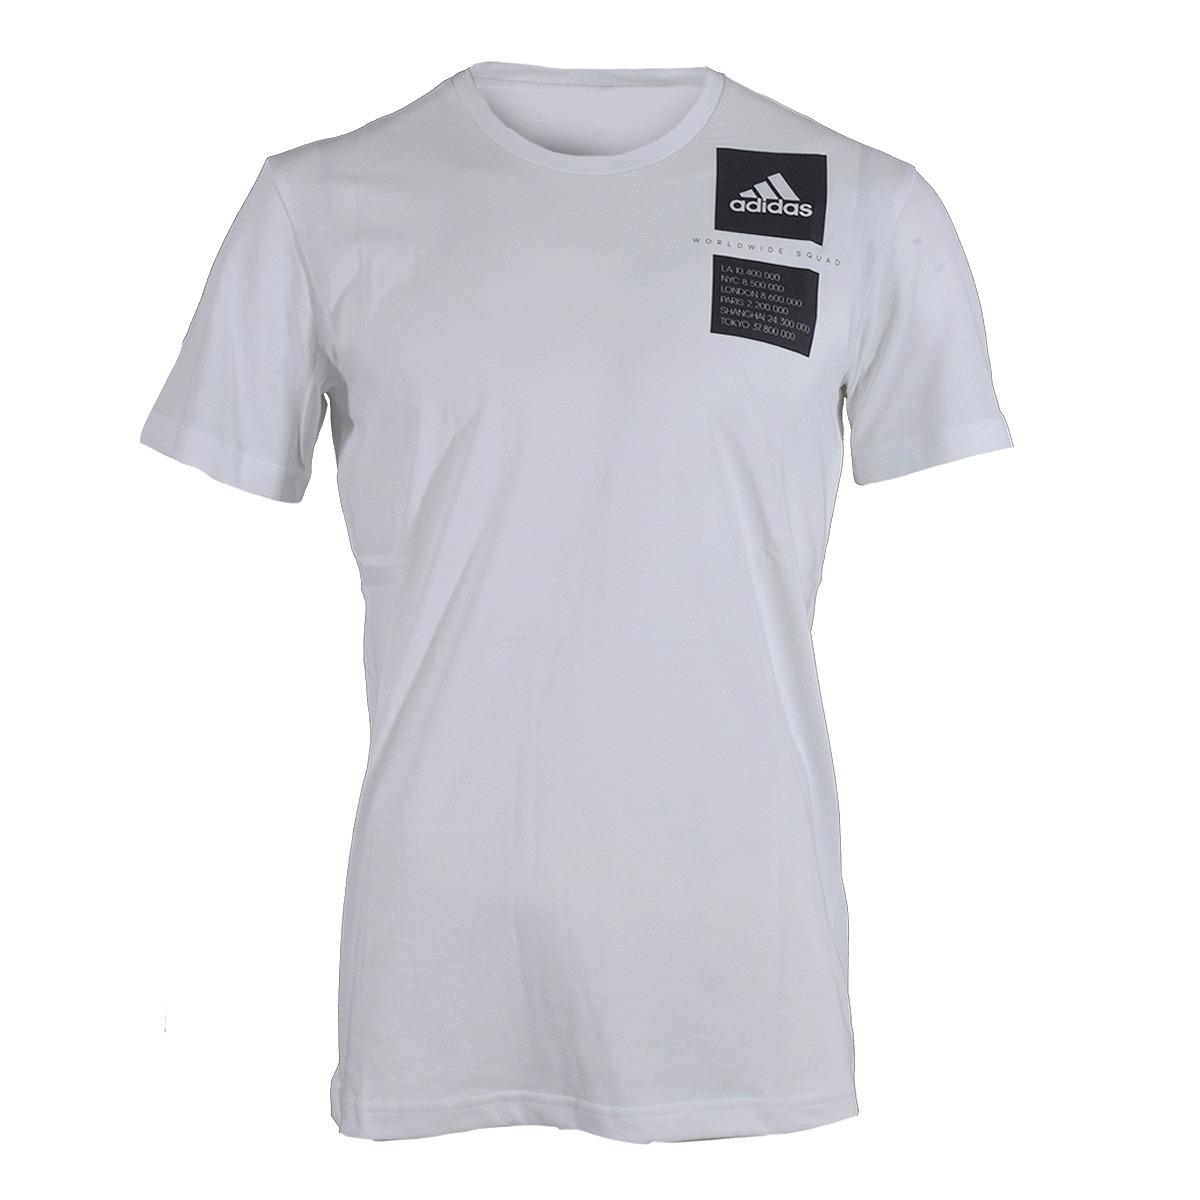 buy popular 868e7 54182 remera athletics city adidas hombre. Cargando zoom.